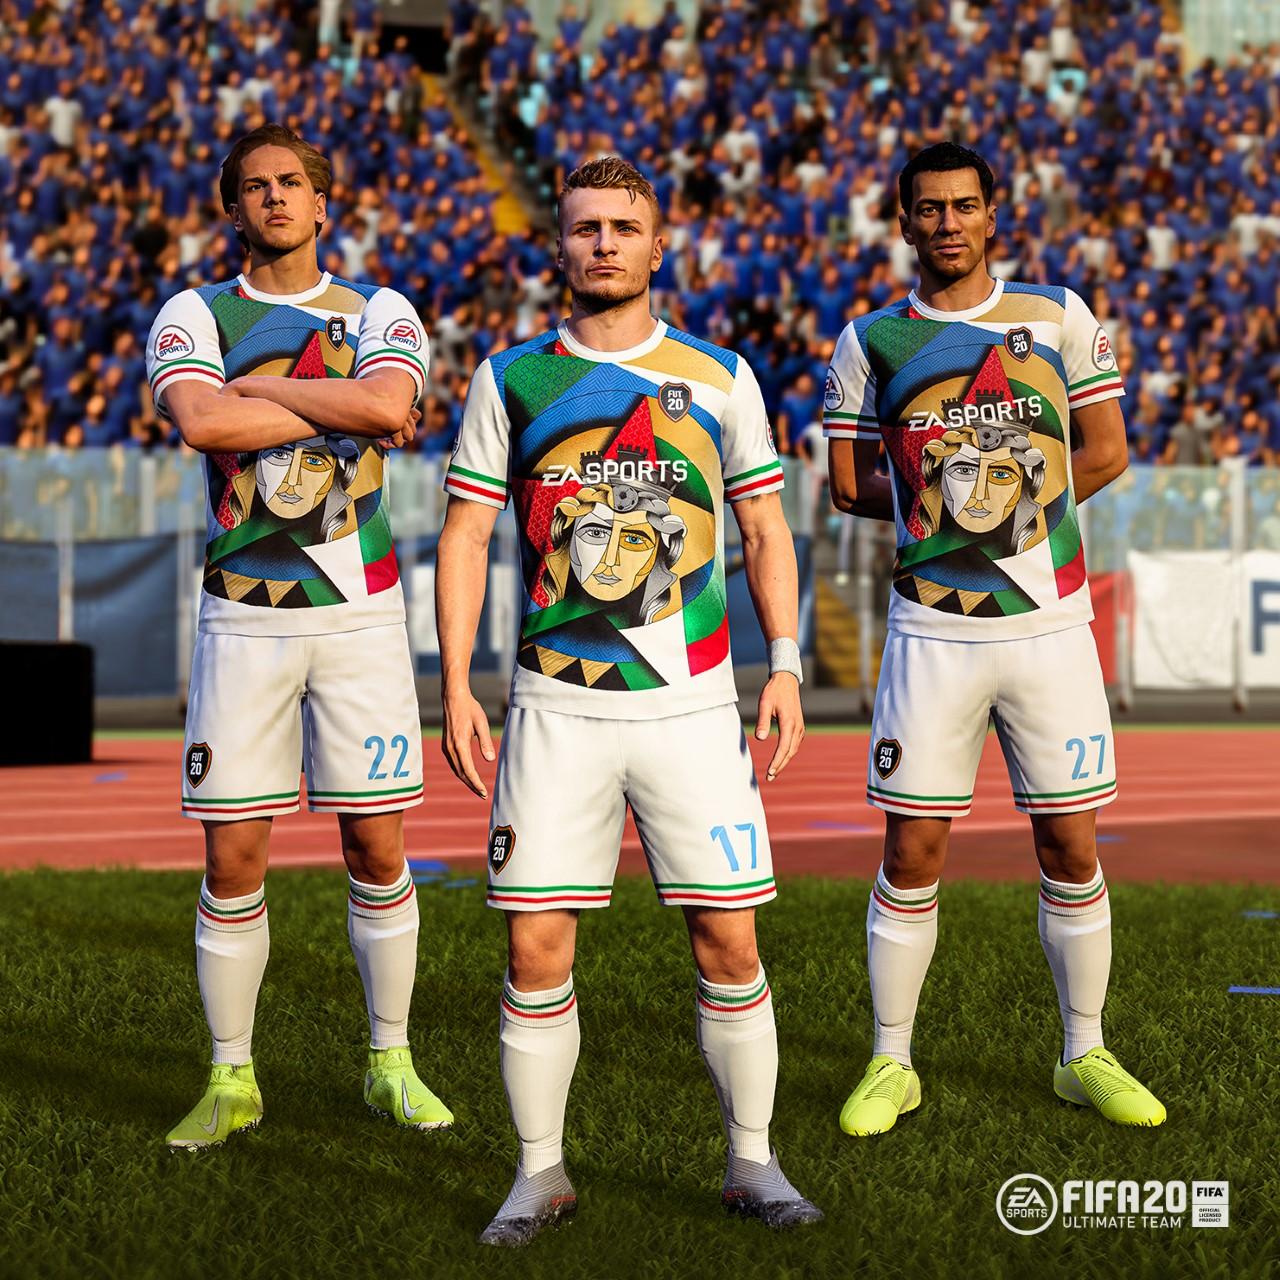 Esports - Fifa 20 celebra l'Italia: in Ultimate Team divisa che ricorda l'Anniversario dell'Unità